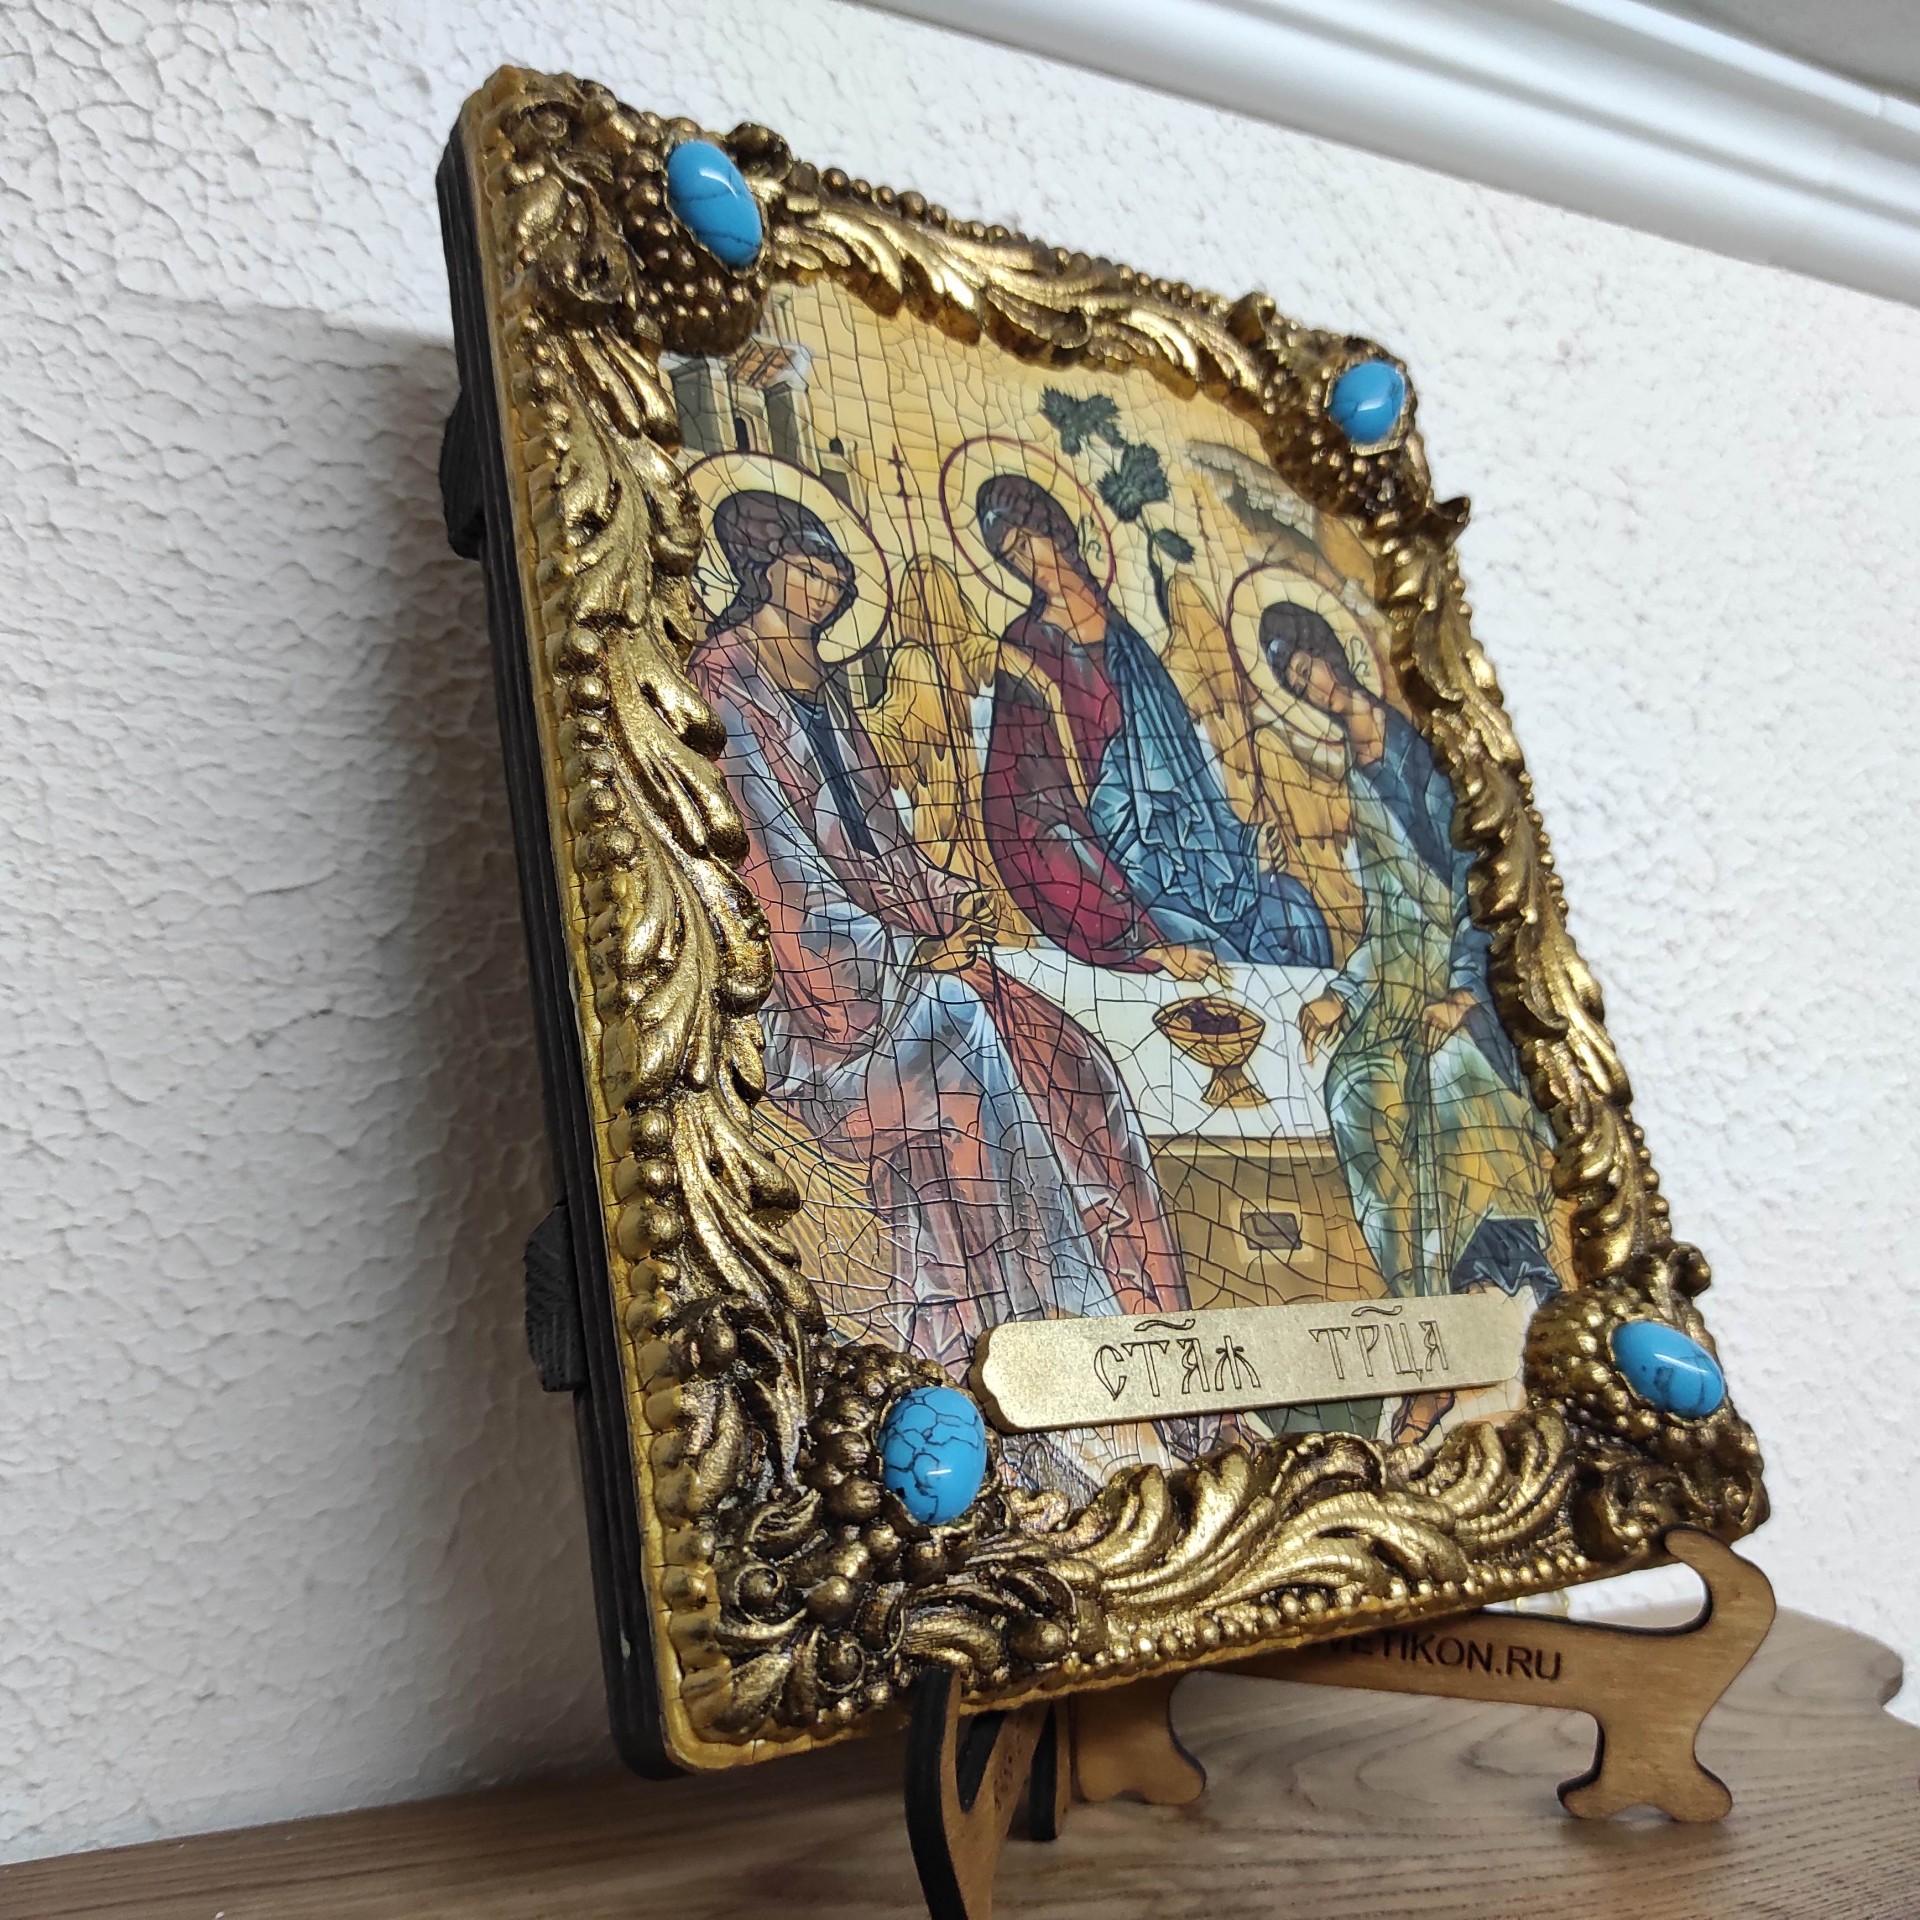 Лик на подставке и полке ангелы вид сбоку иконы под старину Троицы с иглицами и камнями